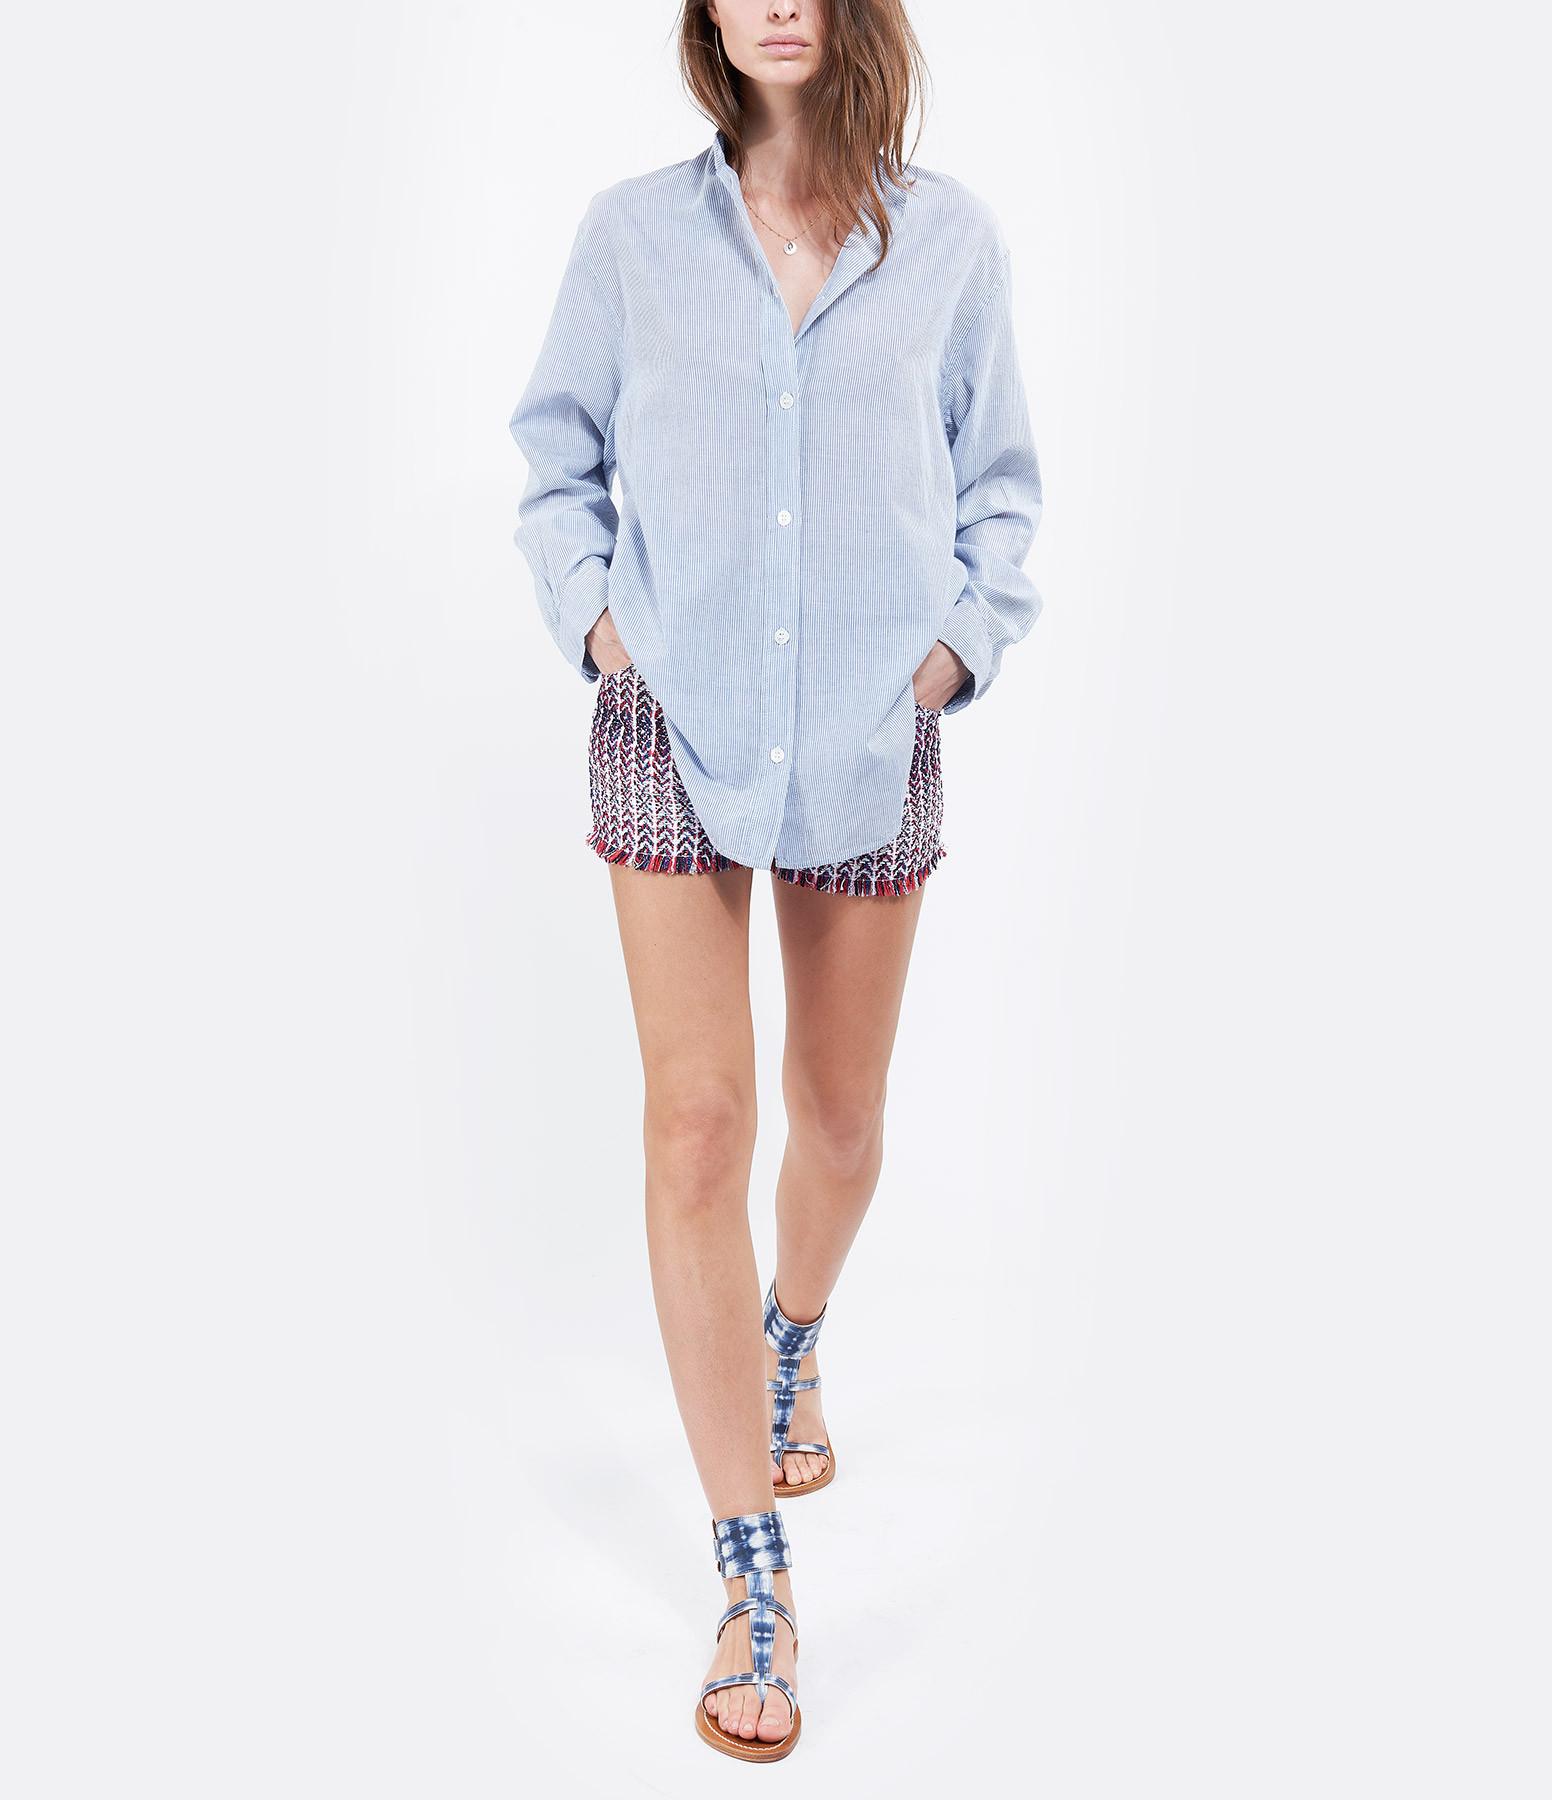 K.JACQUES - Sandales Caravelle Cuir Arat Bleu